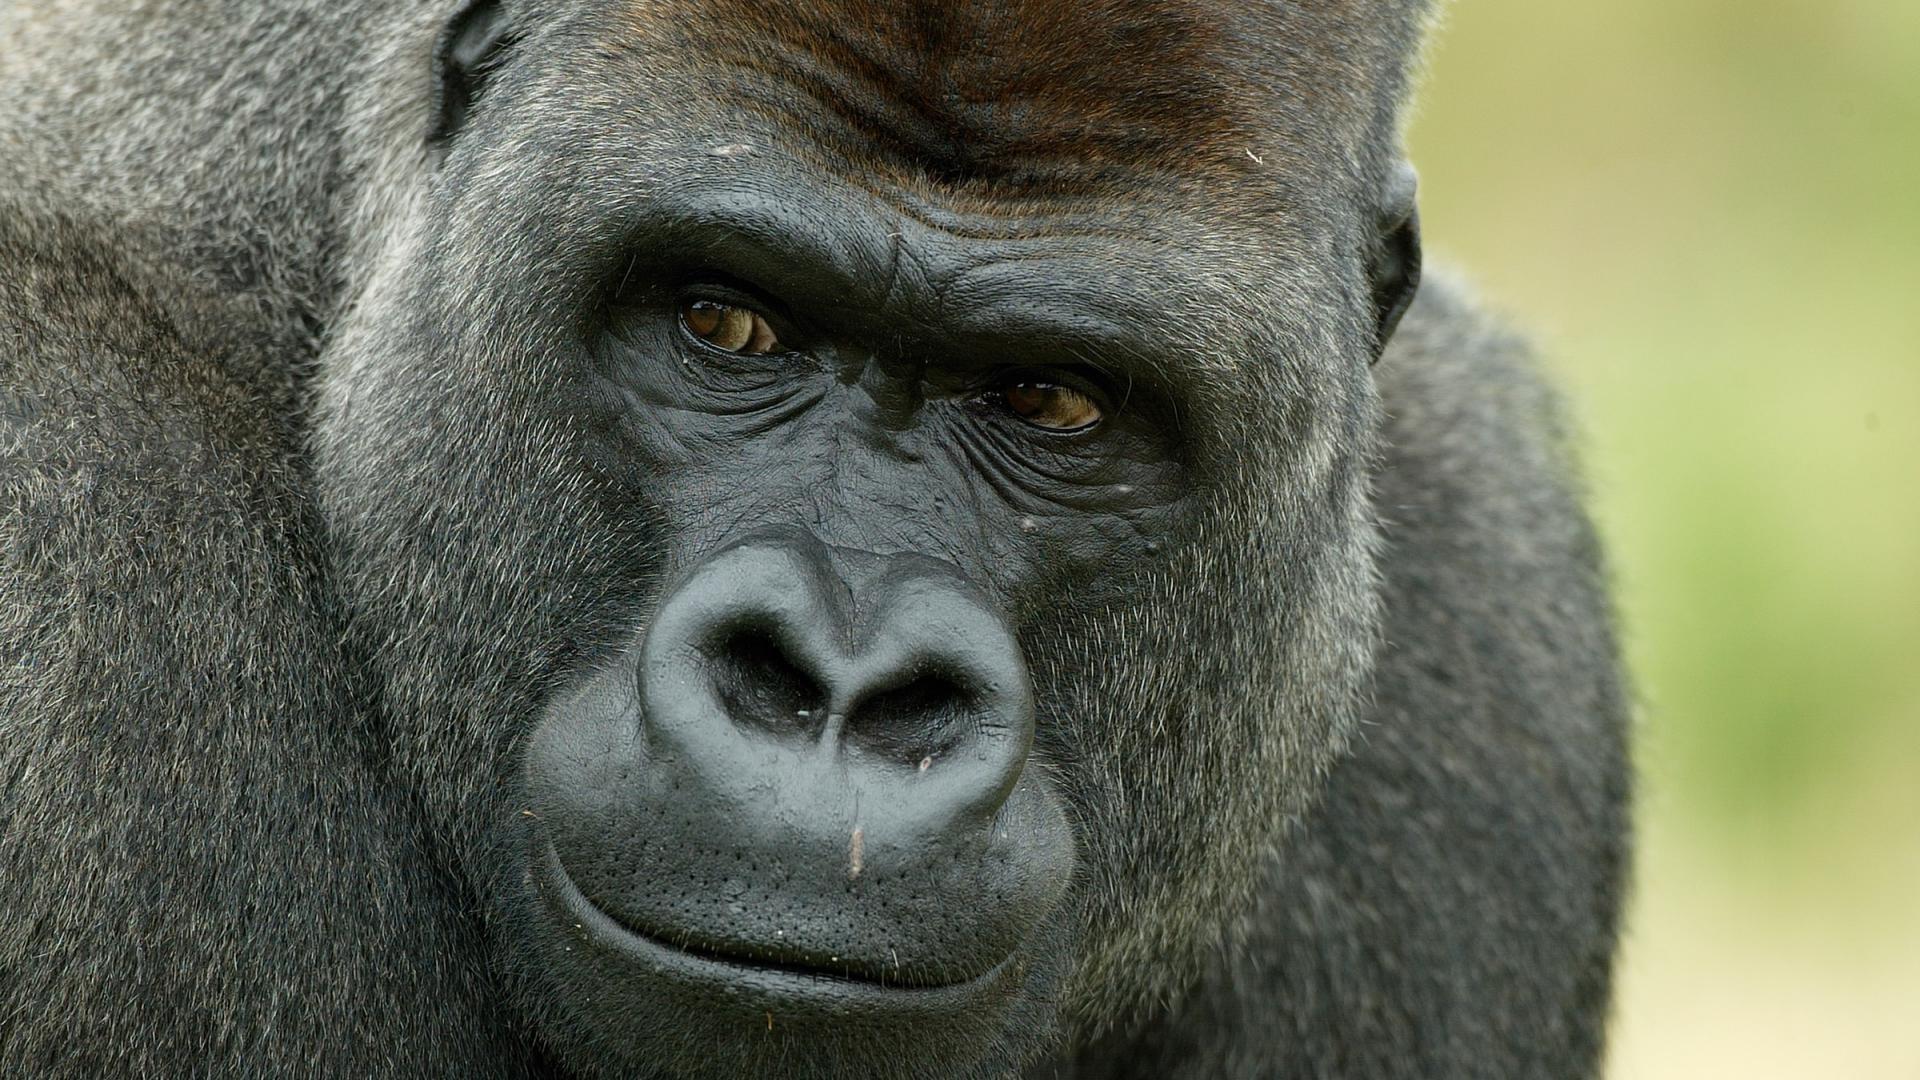 Le gorille un grand singe en danger wwf france - Dessin d un gorille ...